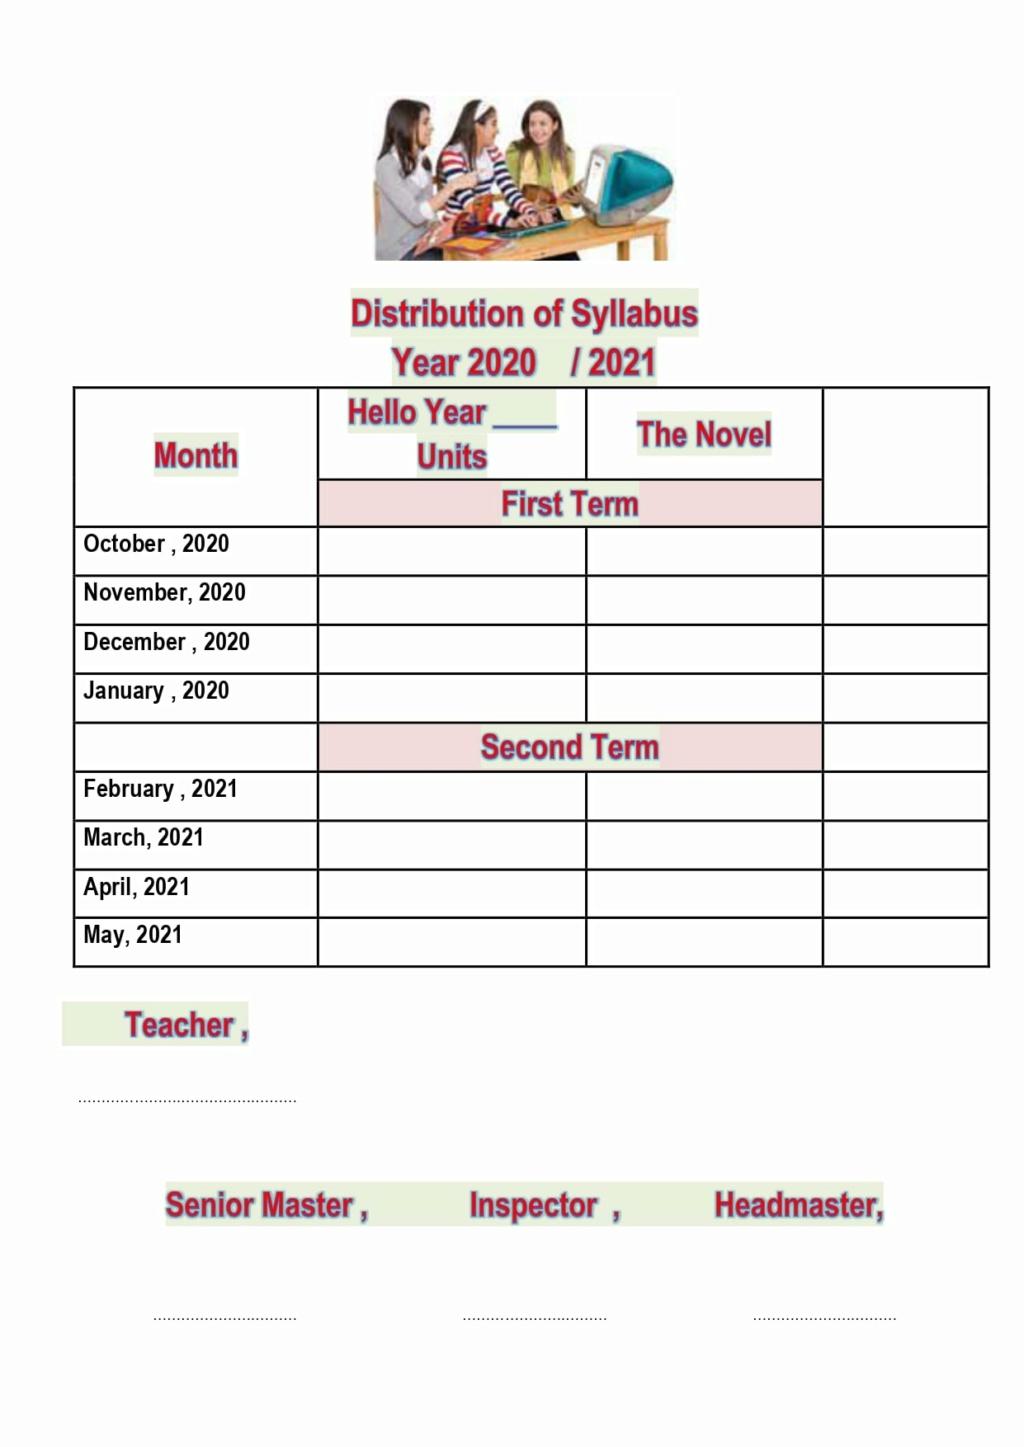 دفتر تحضير اللغة الانجليزية للمرحلة الثانوية 2021  12166510